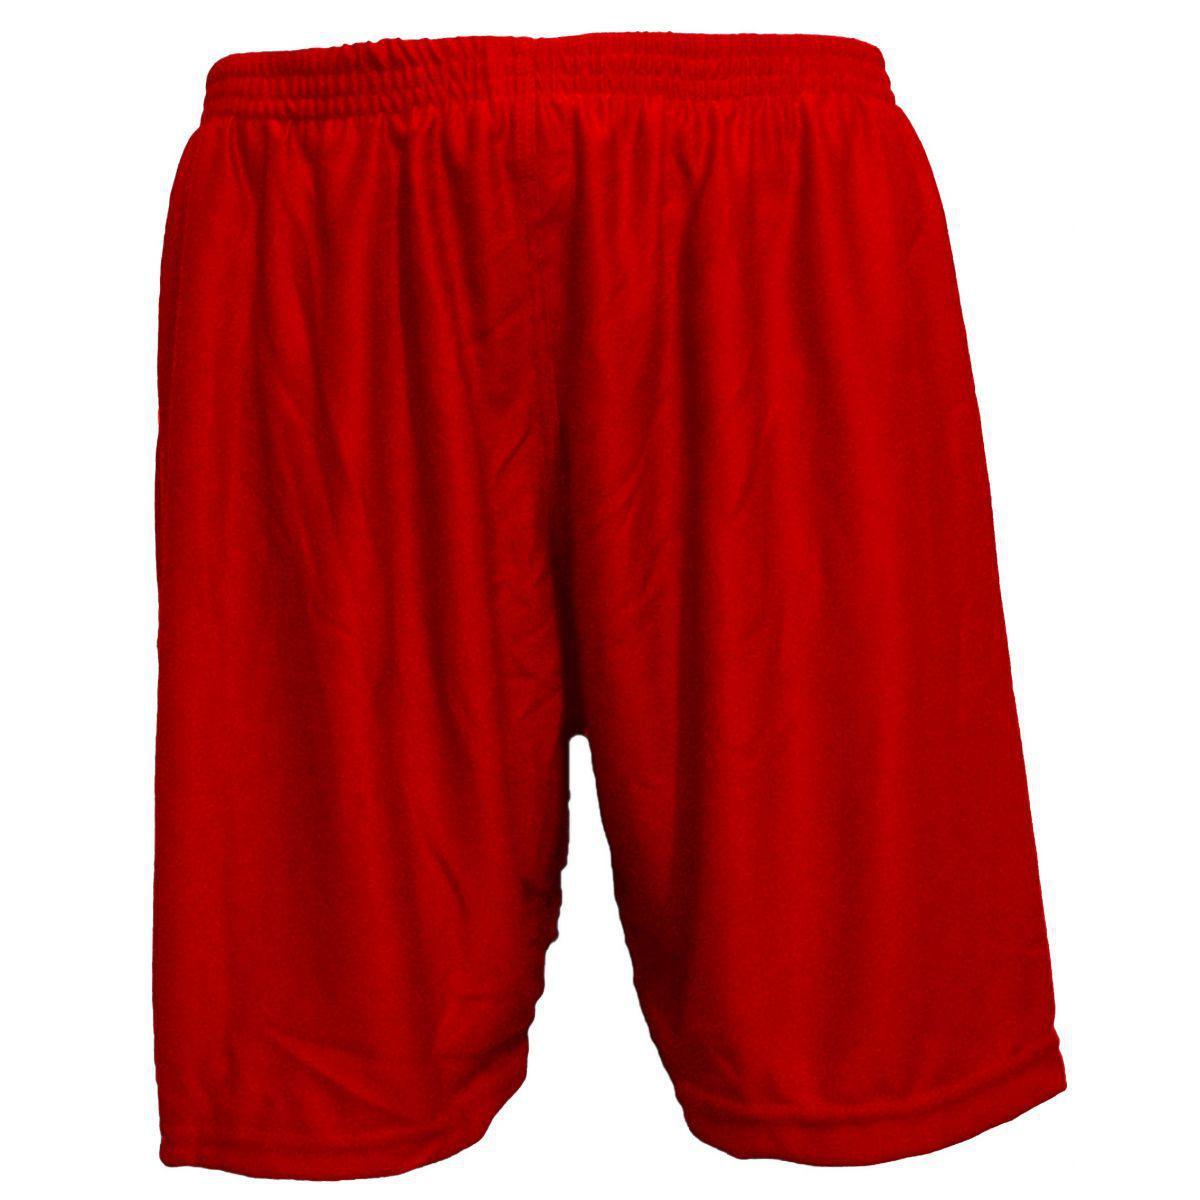 e7779c5824d74 Uniforme Esportivo com 14 camisas Sporting Branco Vermelho + 14 calções  modelo Madrid Vermelho + Brindes - Gazza R  529